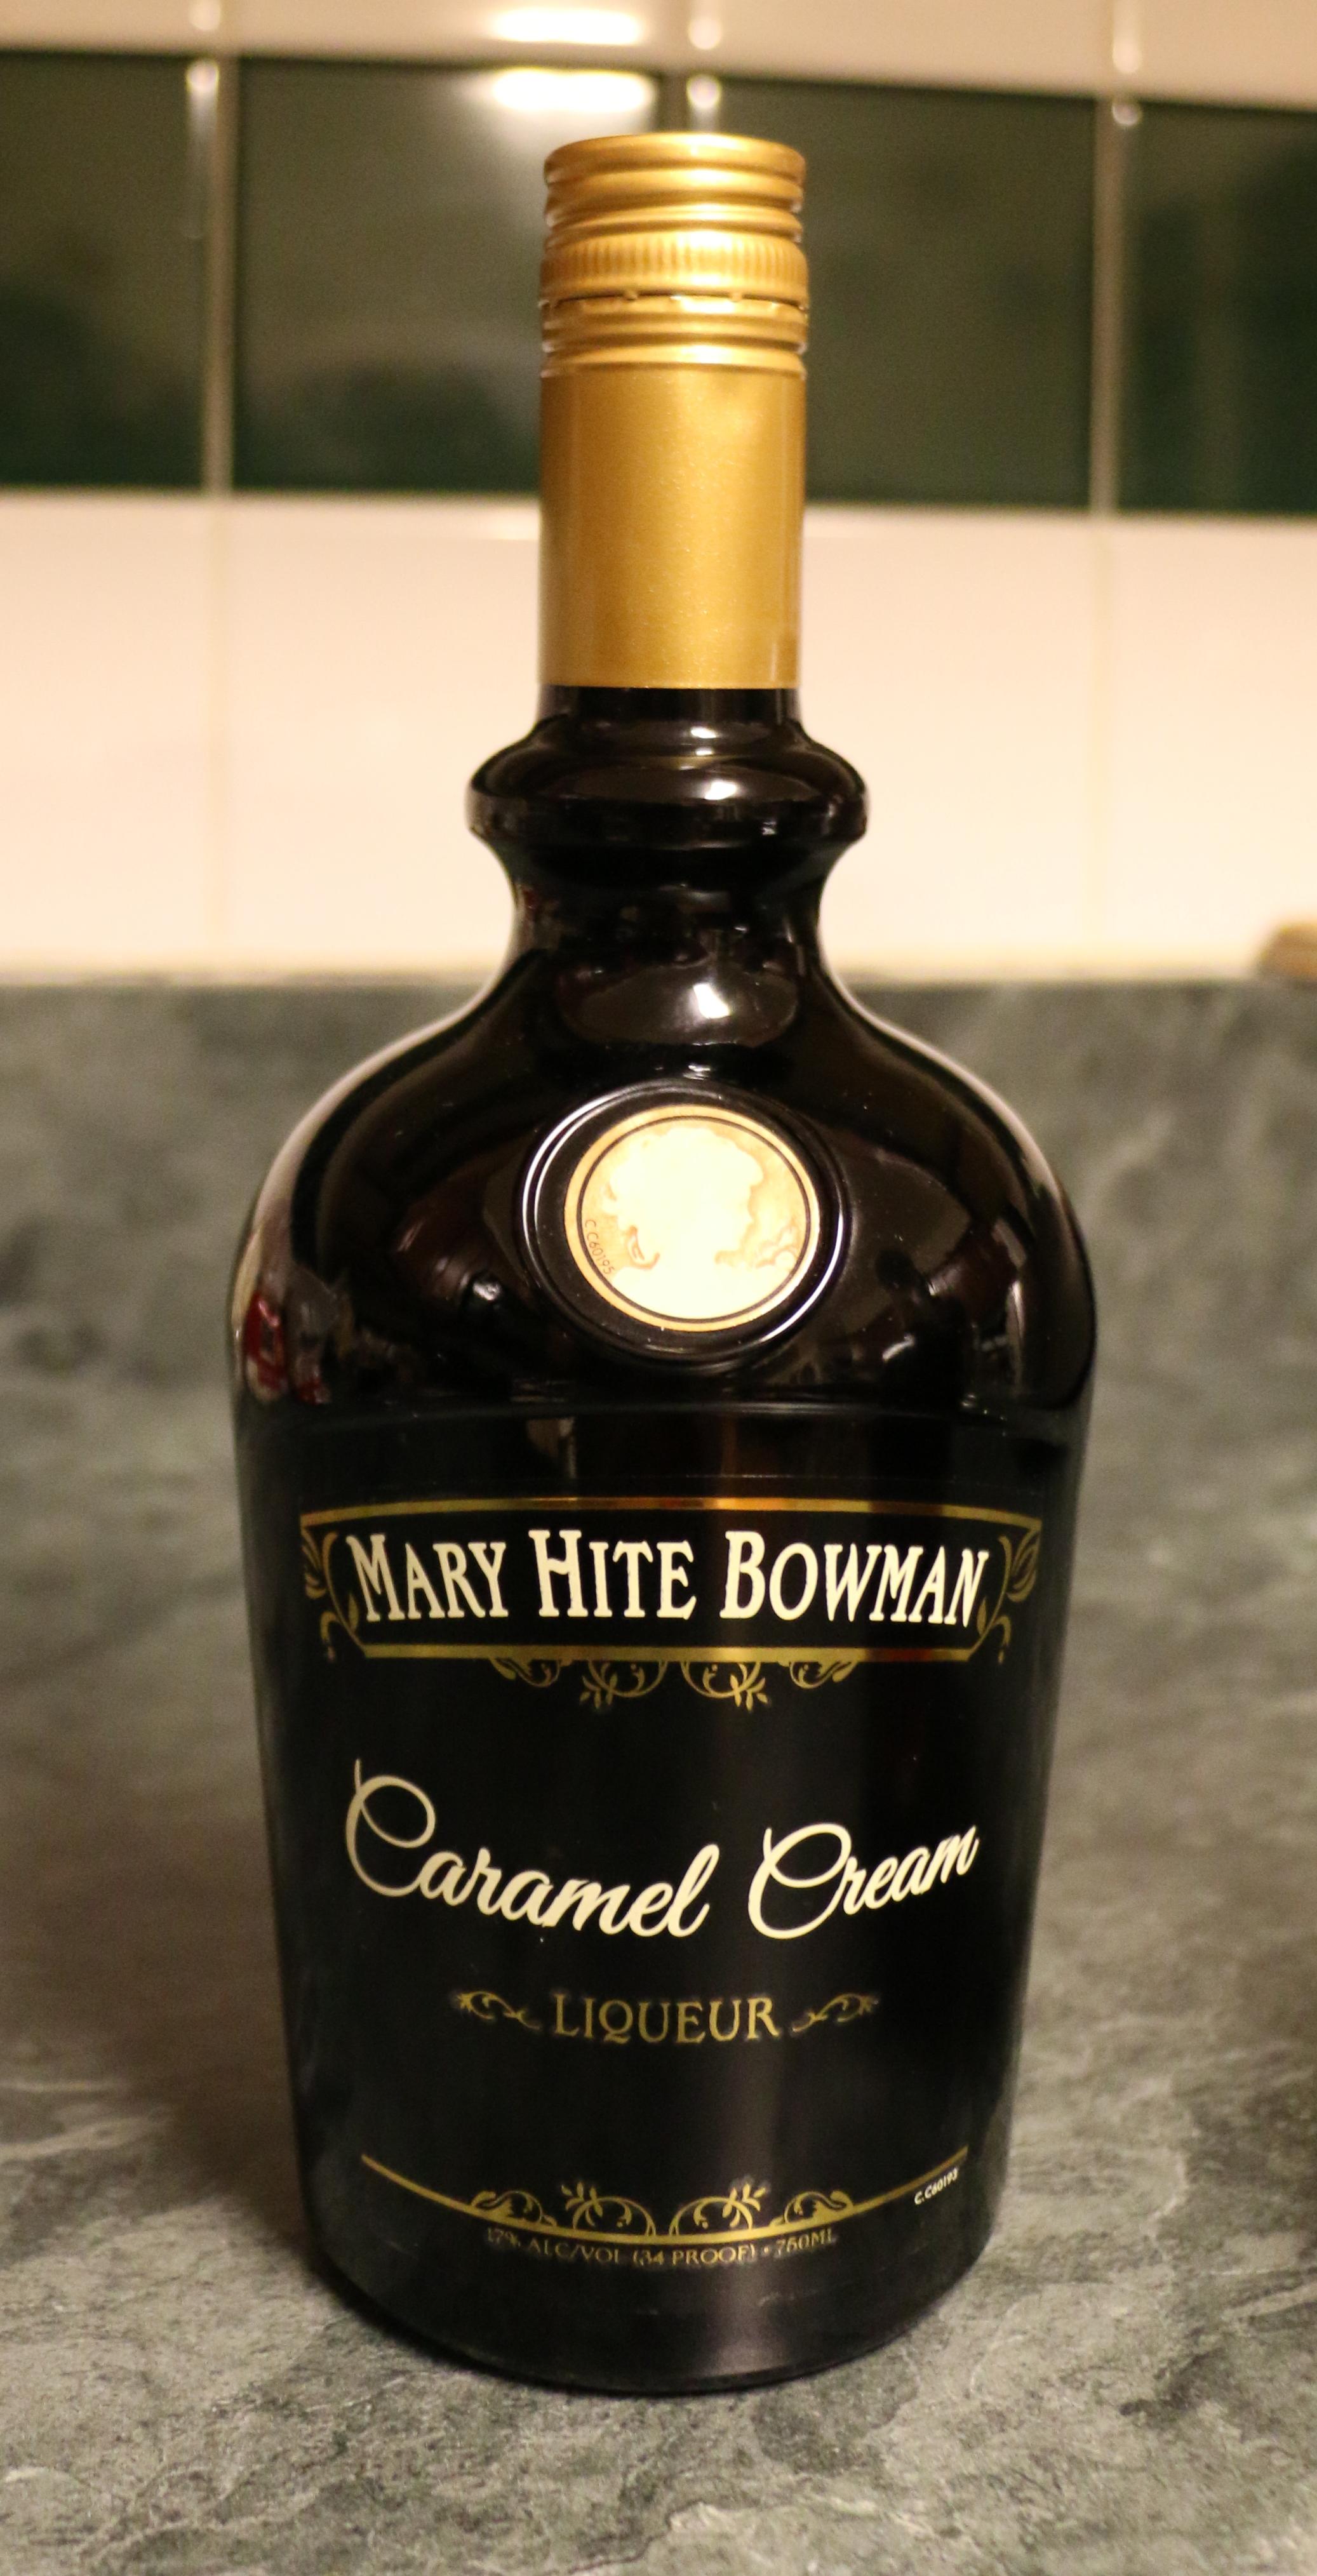 Mary Hite Bowman Caramel Creme Liqueur